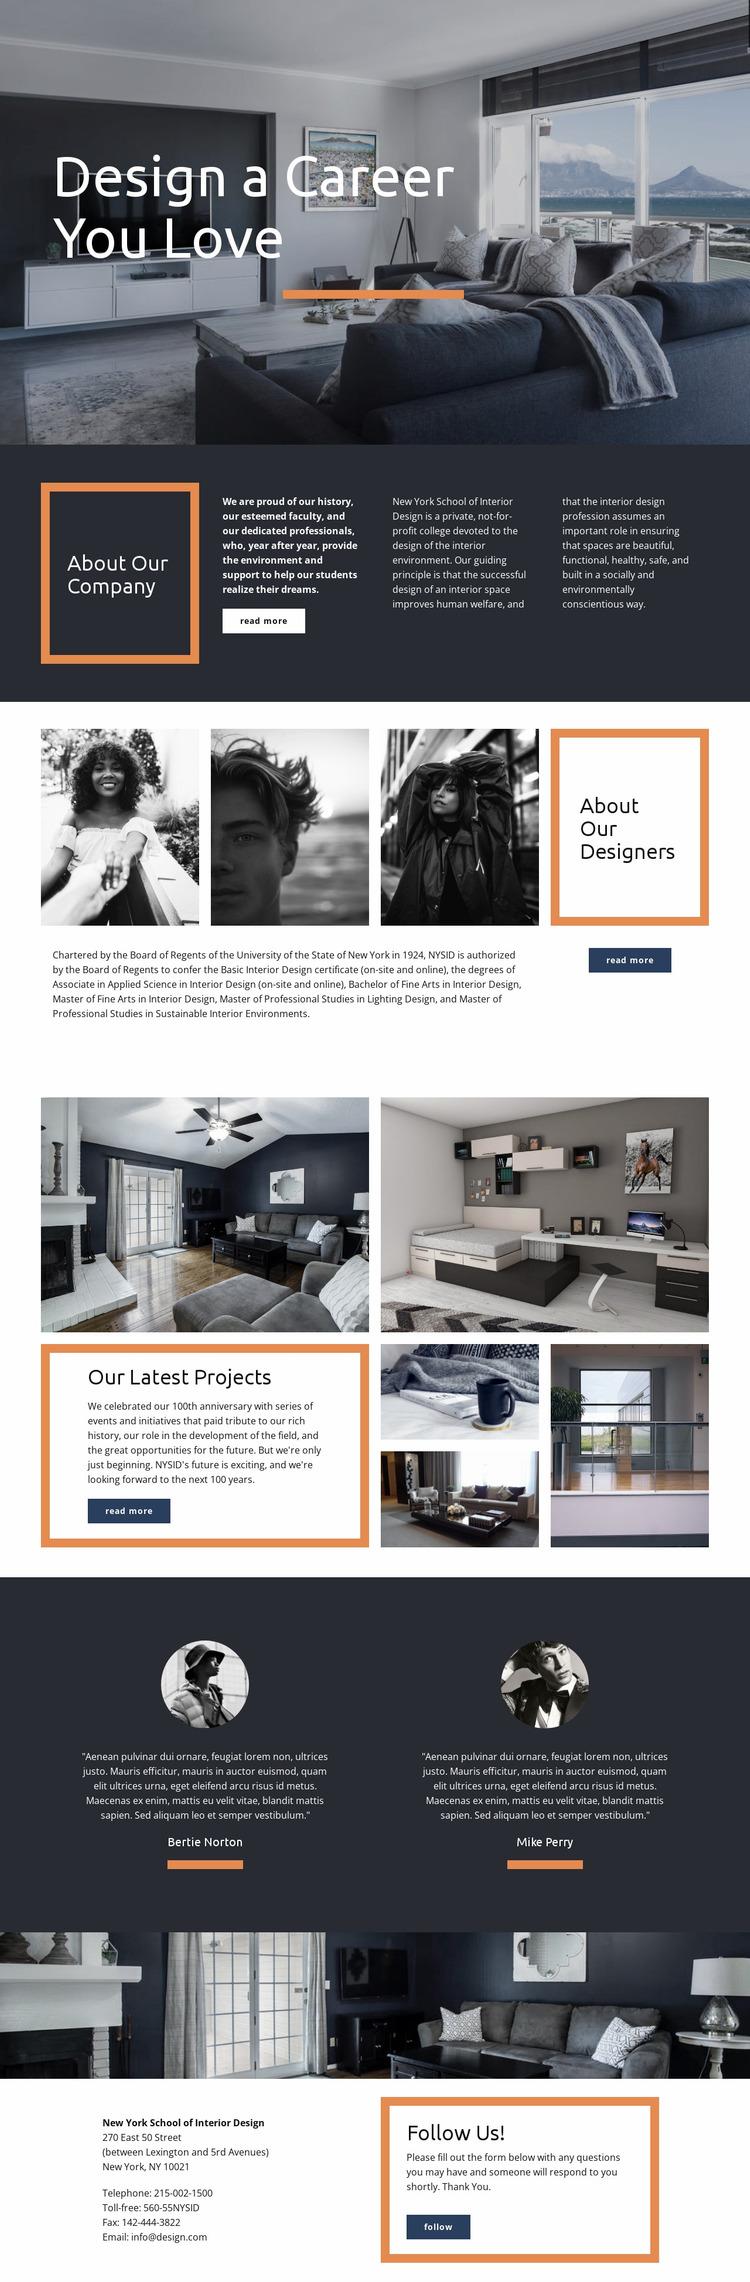 Design a Career You Love Website Mockup